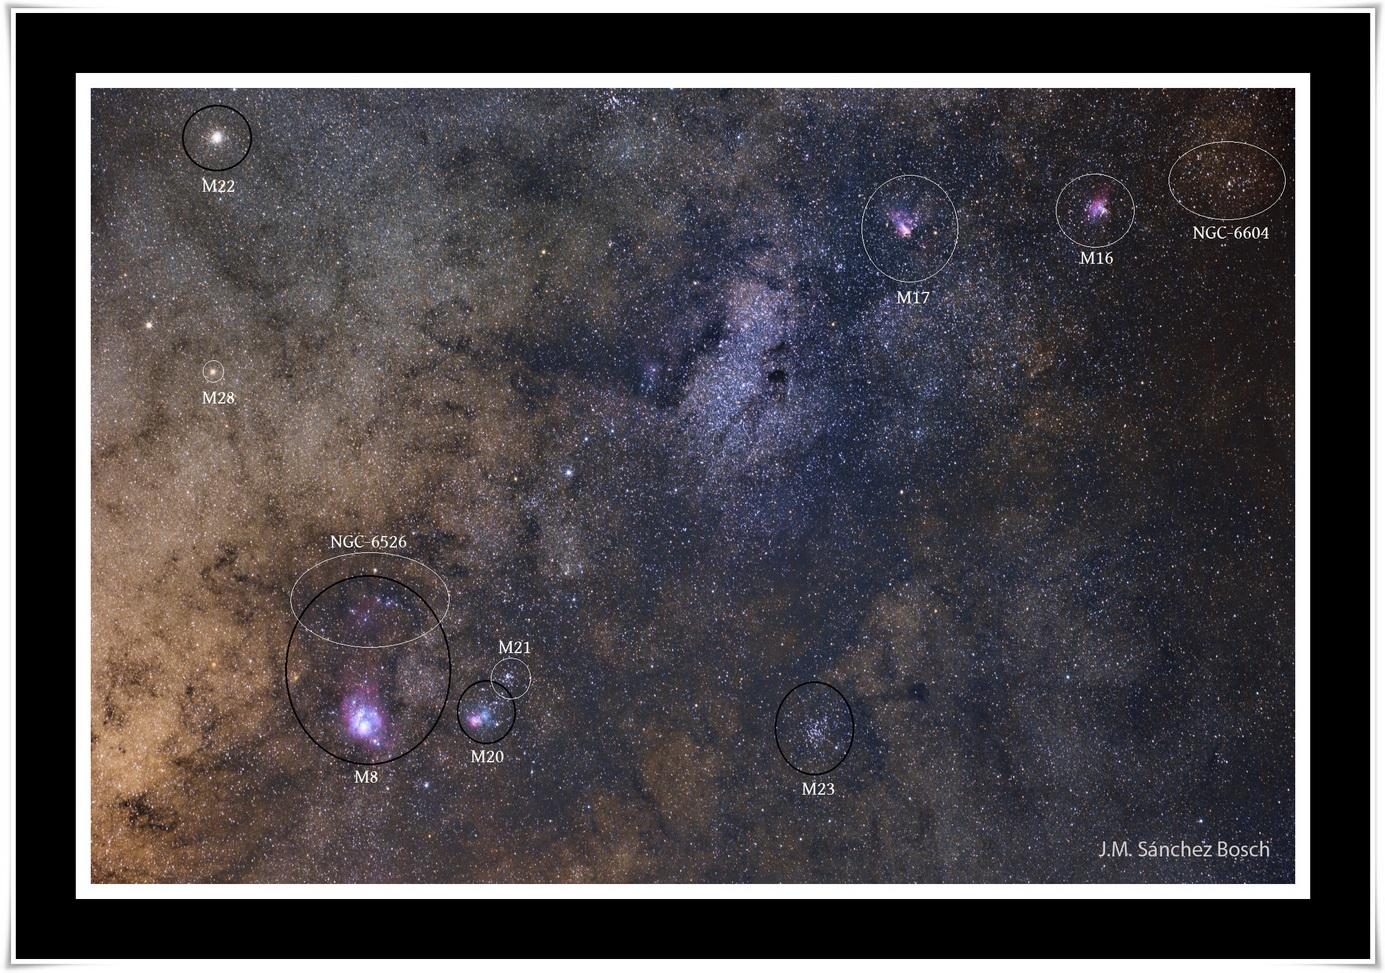 Objectes Messier a la Via Làctia. Fotografia de José Manuel Sánchez Bosch